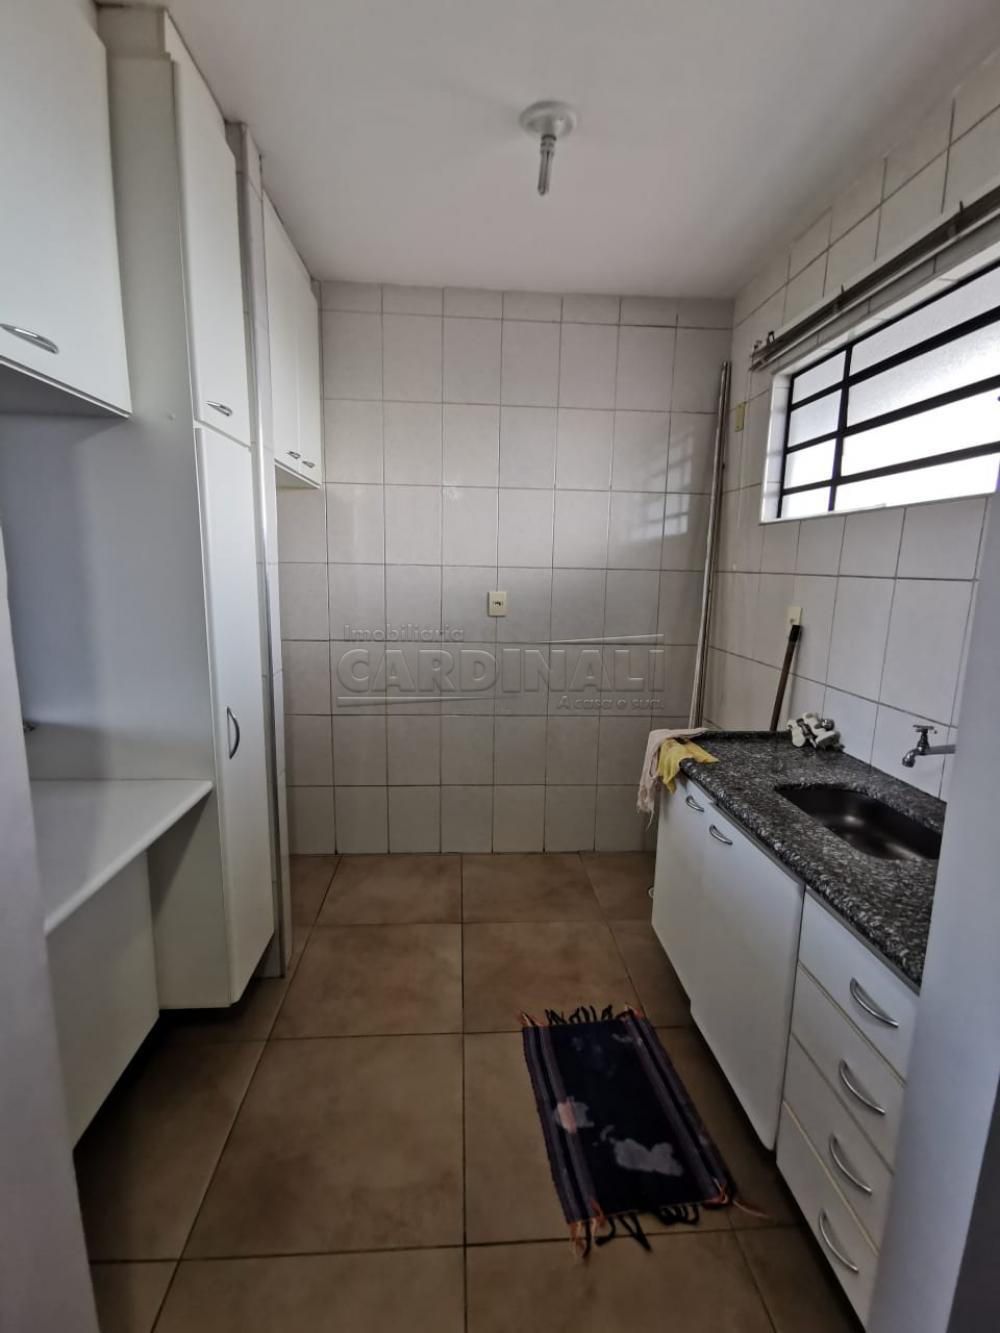 Alugar Apartamento / Padrão em Araraquara R$ 700,00 - Foto 11